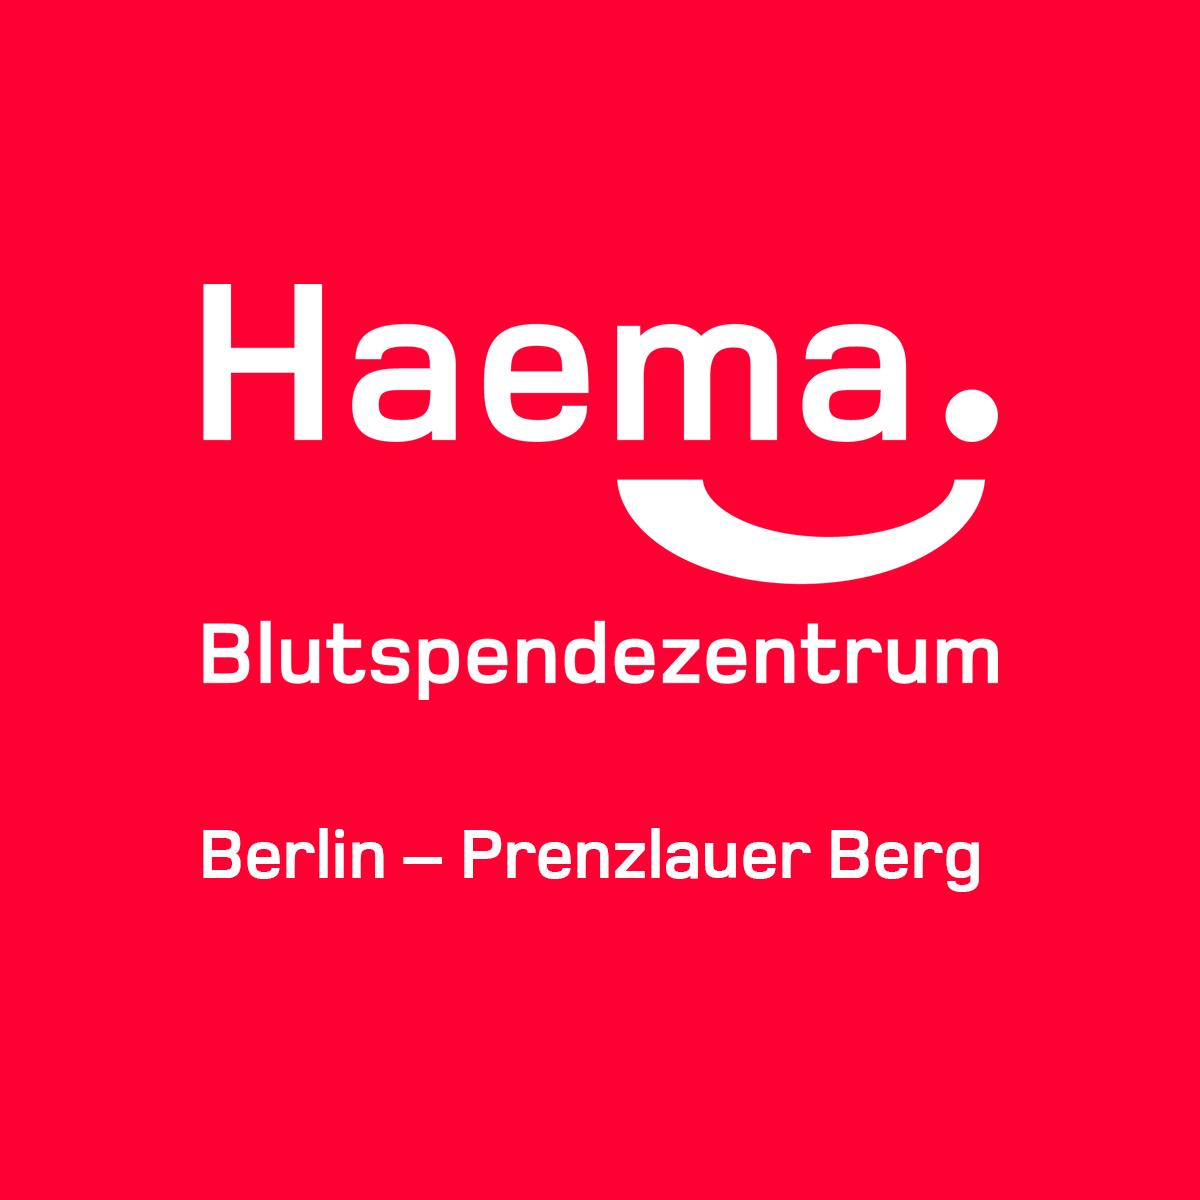 Haema Blutspendezentrum Berlin-Prenzlauer Berg